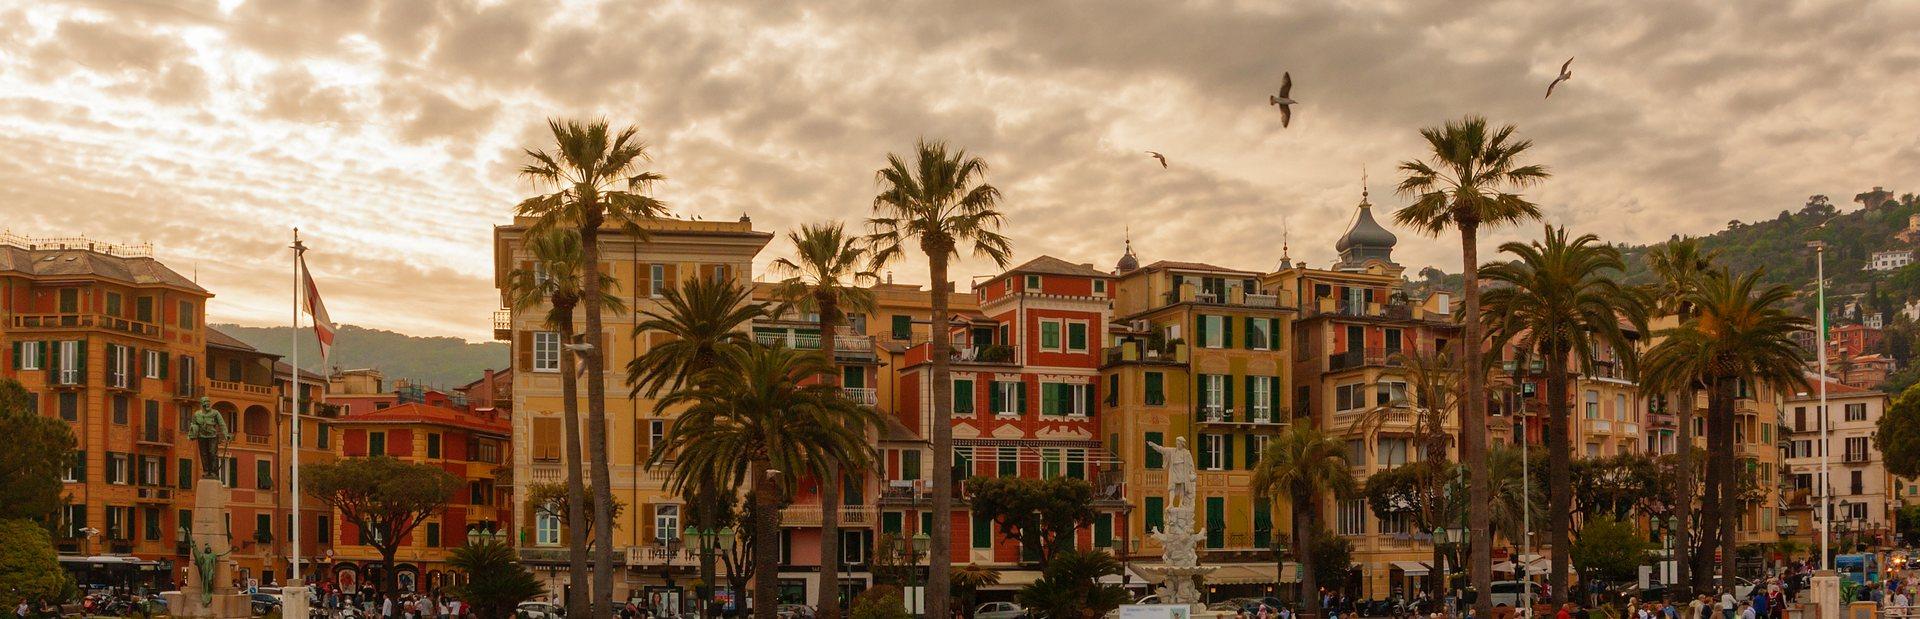 Santa Margherita Ligure guide